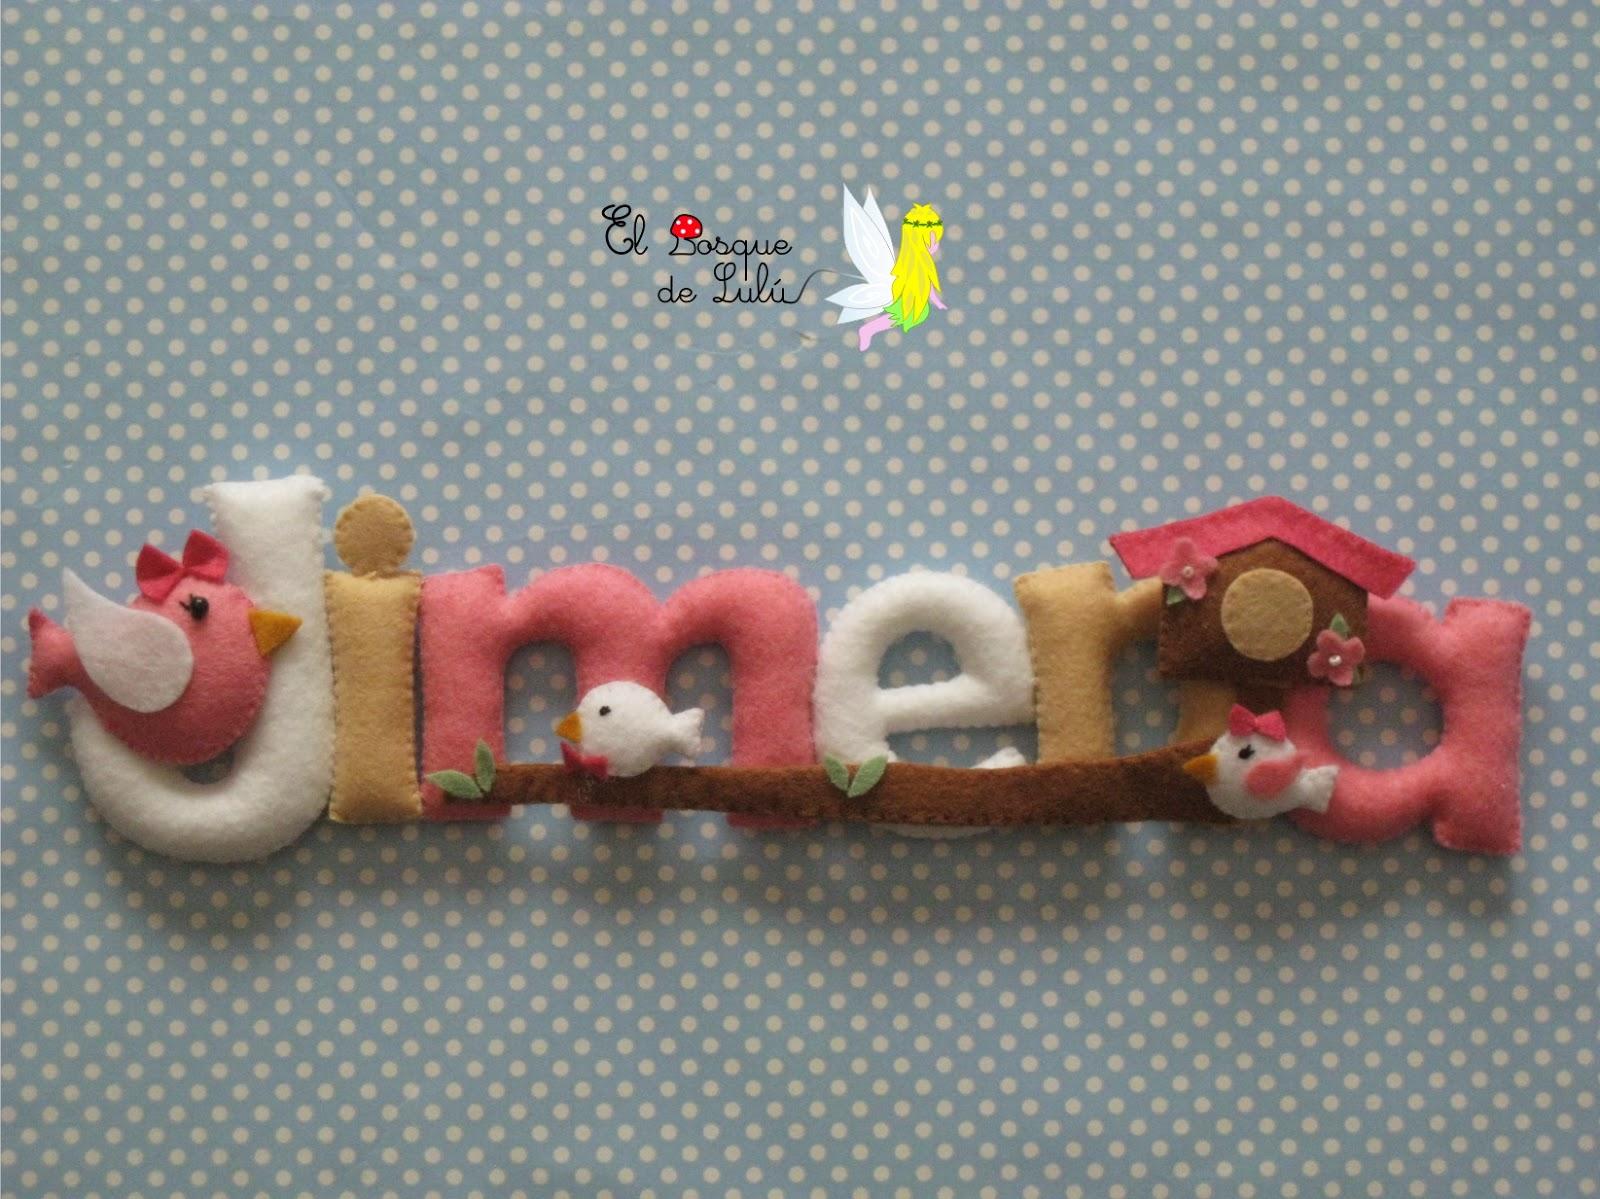 nombre-fieltro-decorativo-name-banner-detalle-nacimiento-infantil-Jimena